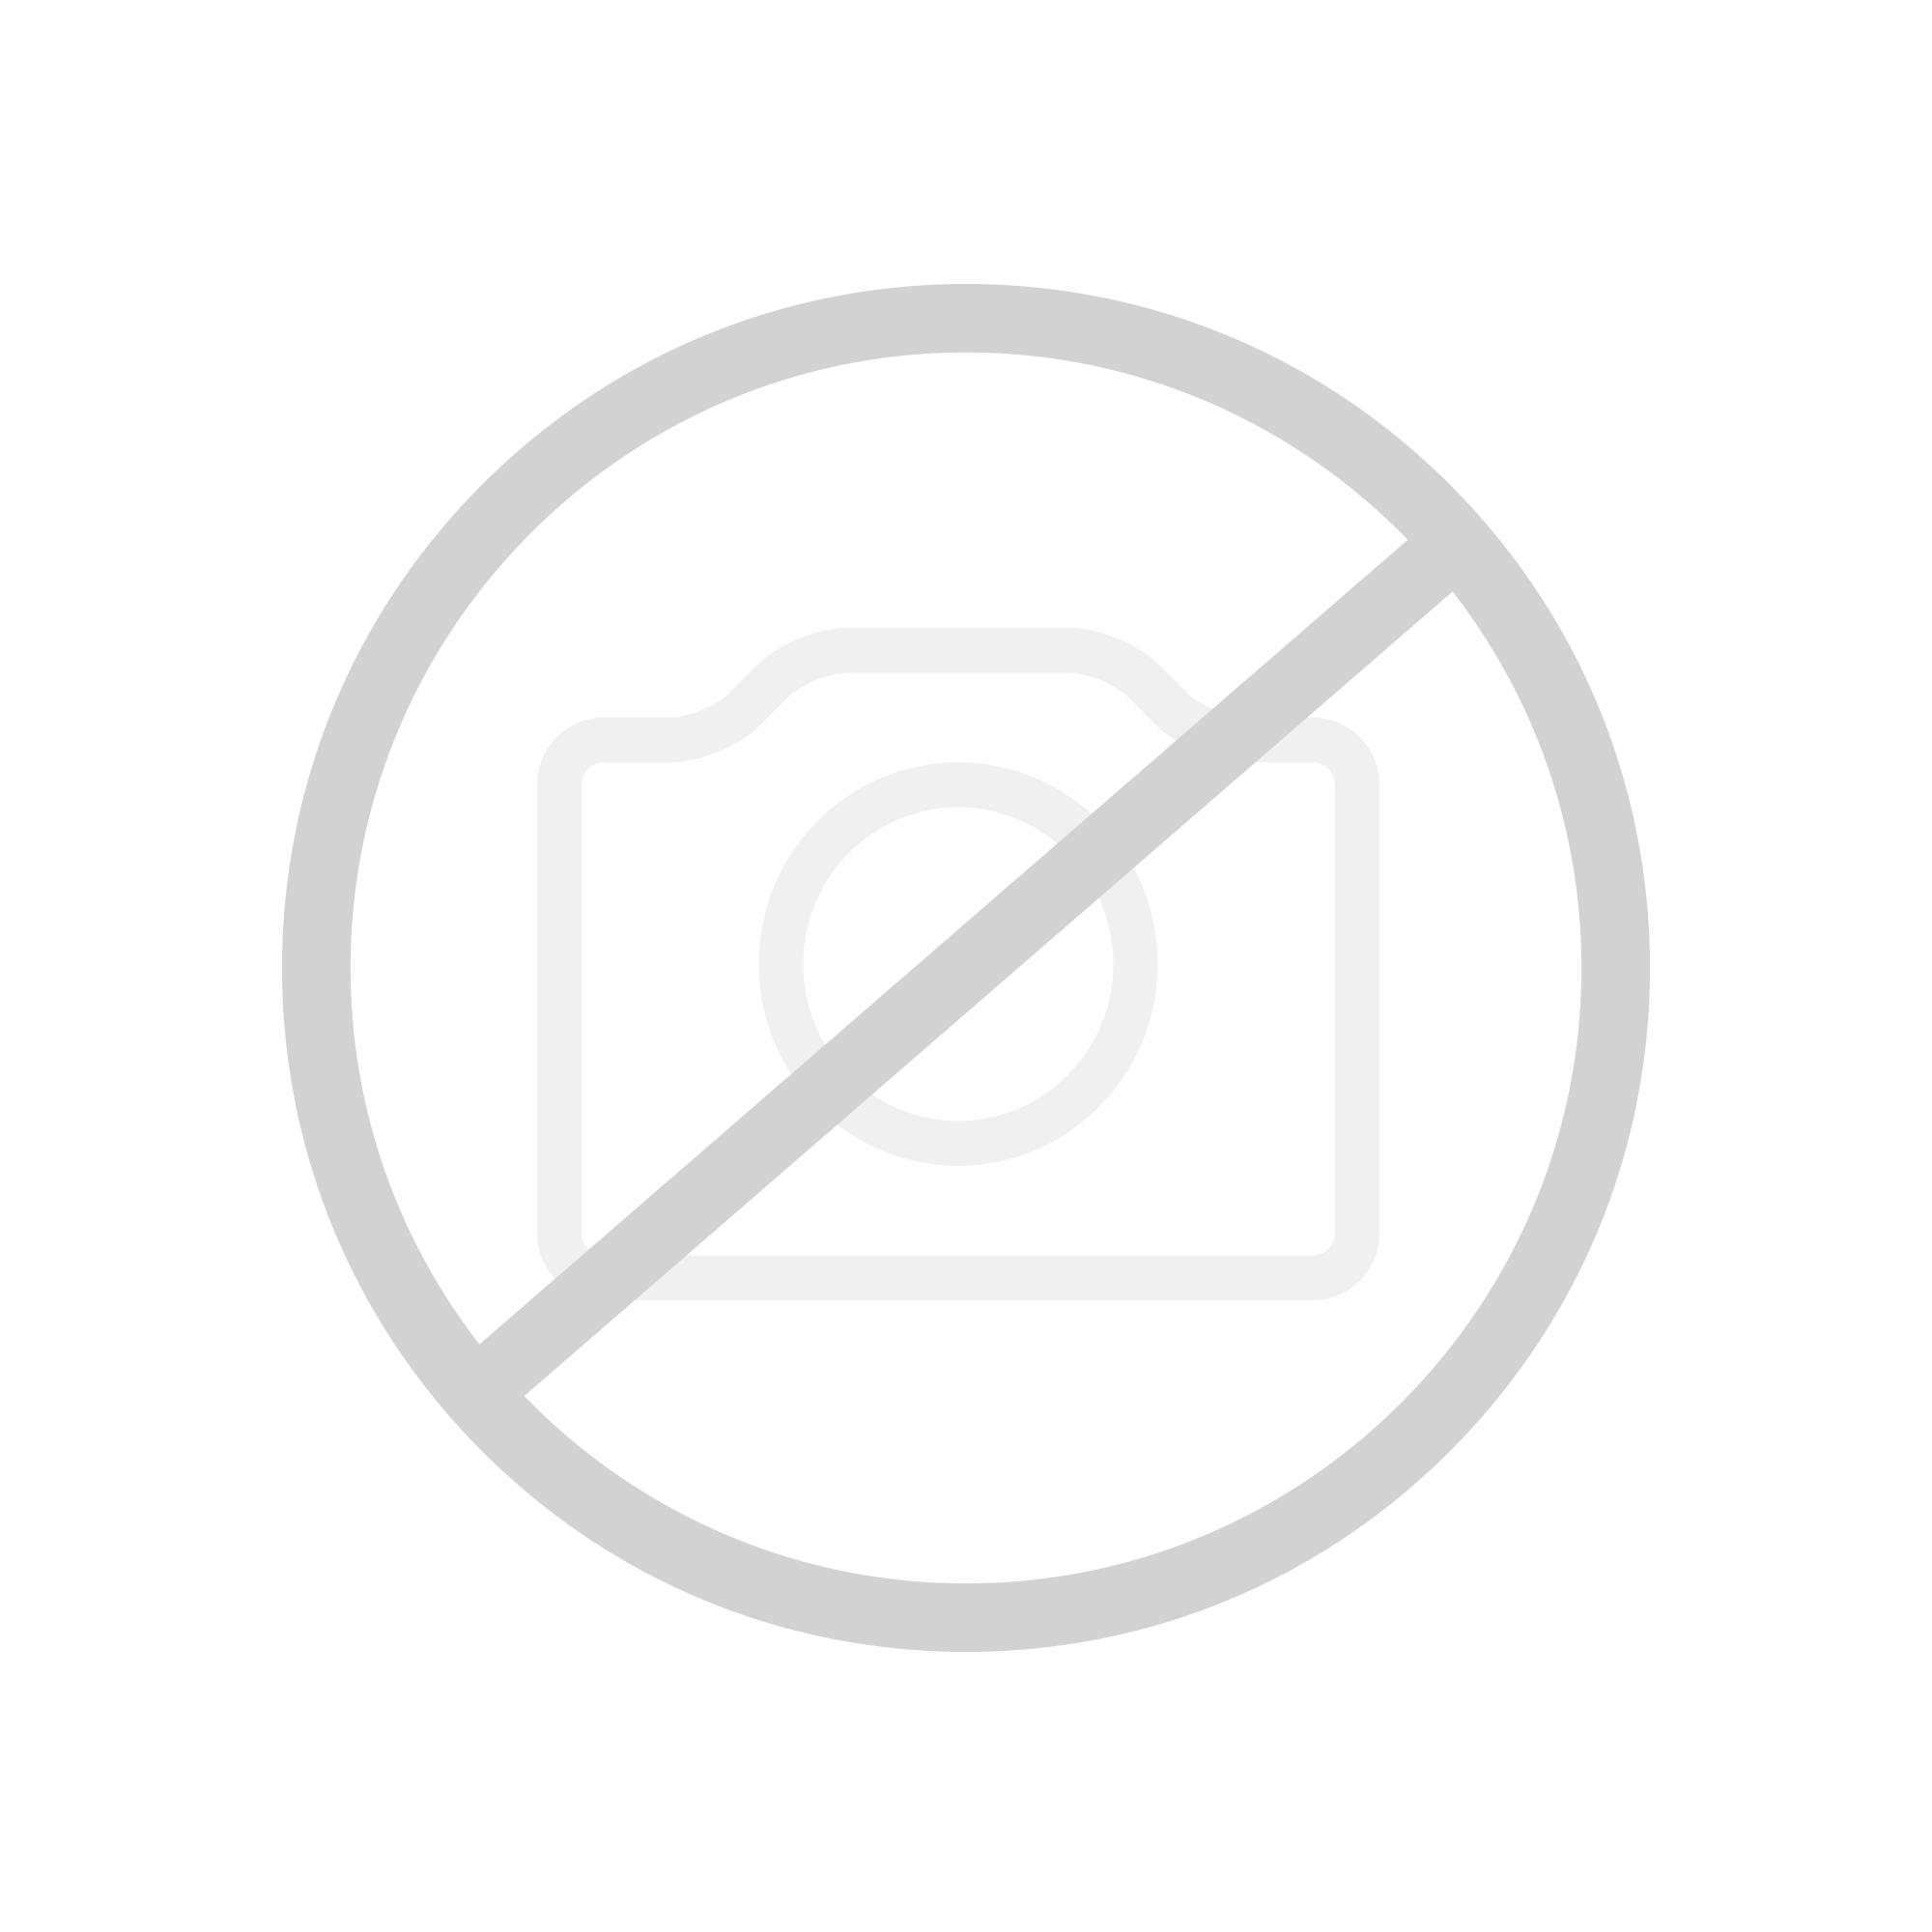 Geberit AP-Spülkasten AP128 mit 2-Mengen-Spülung, aufgesetzt